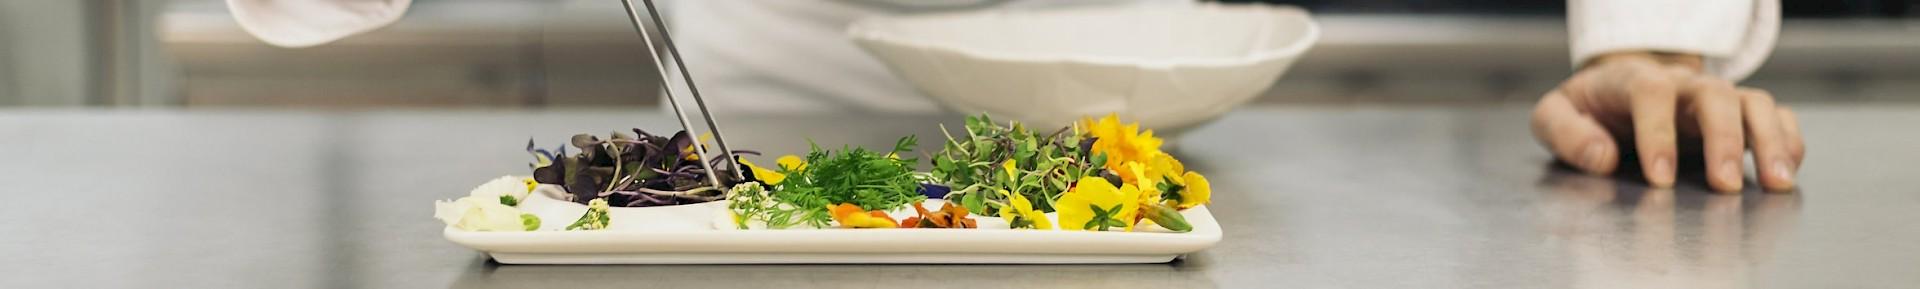 Lesen Sie in dieser Blog-Kategorie über alles, was mit kulinarischen Genüssen zu tun hat